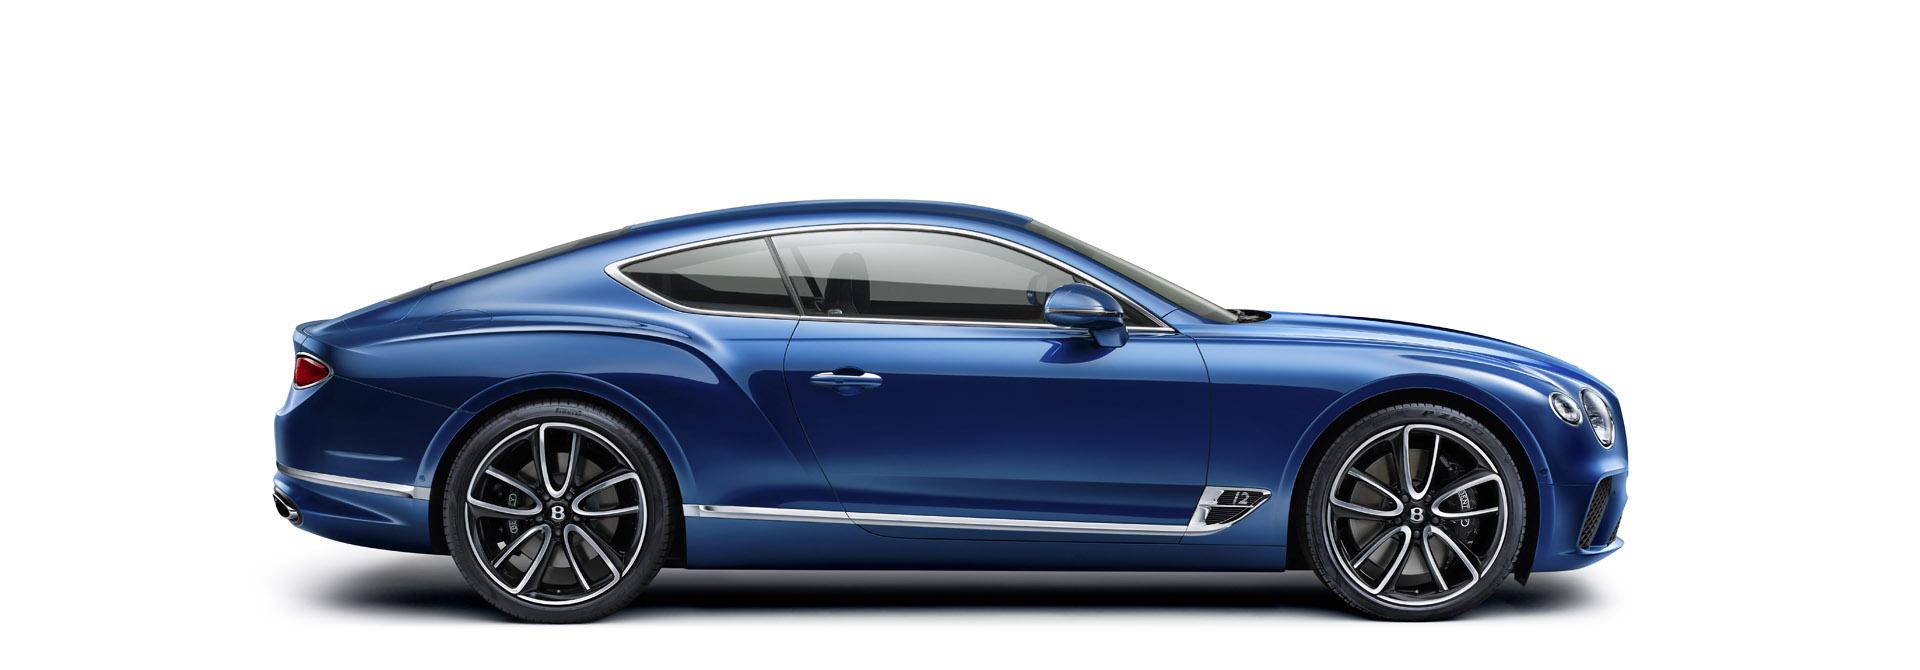 The New Bentley Continental Gt Motorsrhbentleymotors: Bentley W1 2 Engine Diagram At Gmaili.net